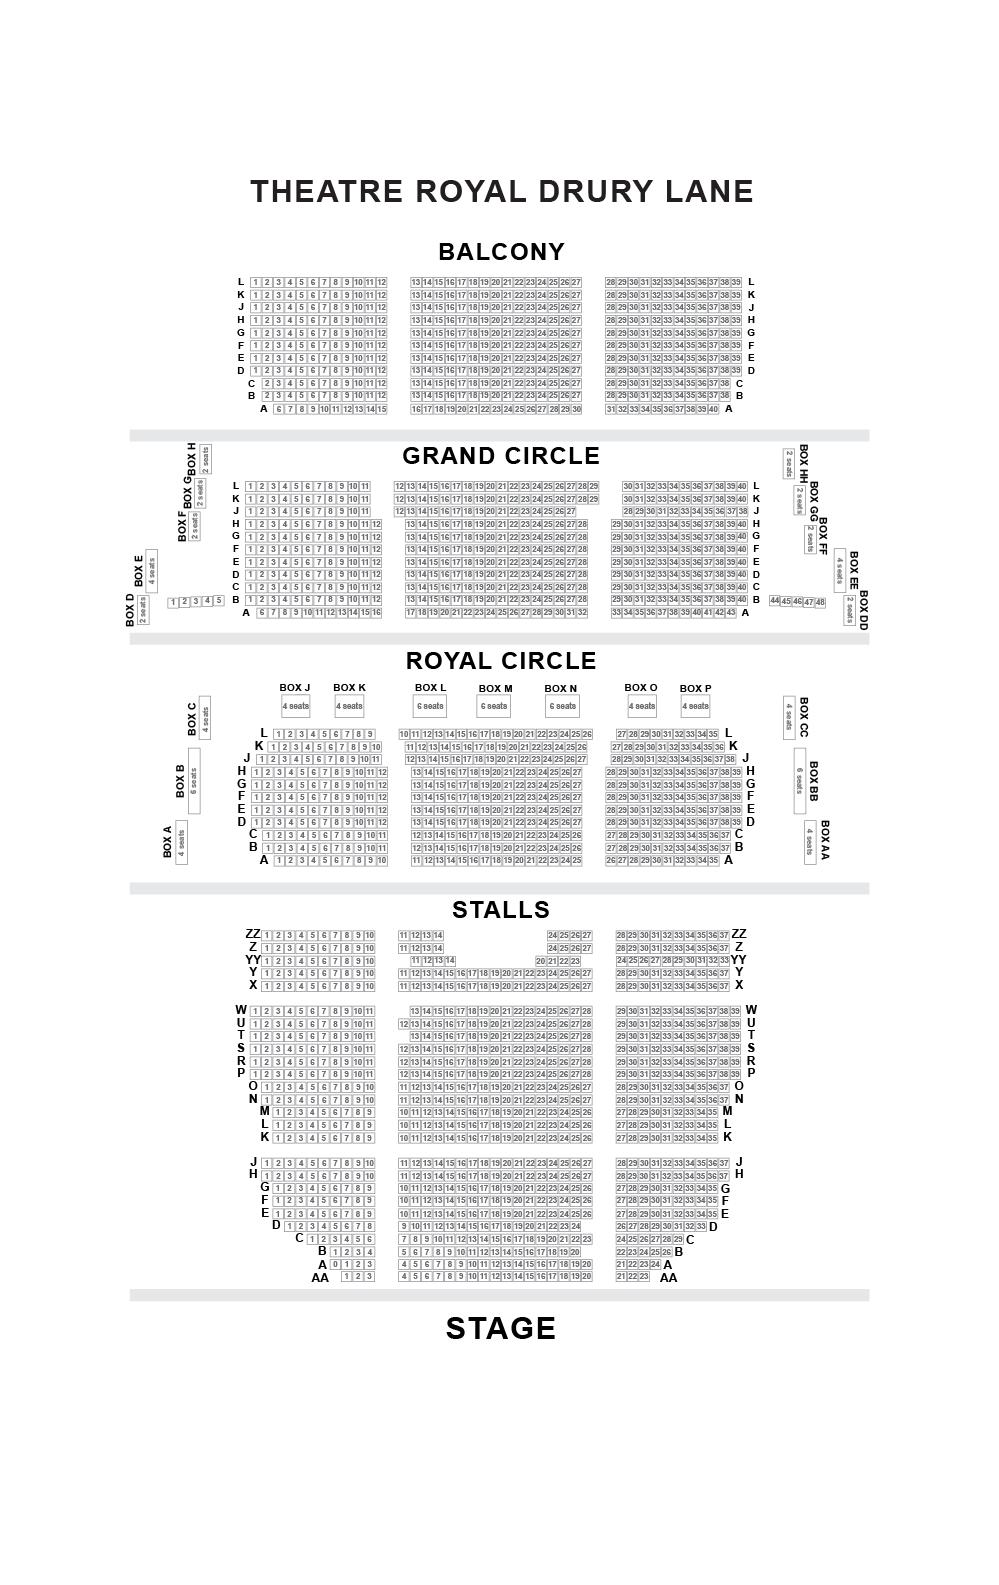 Theatre Royal Drury Lane Seating Plan